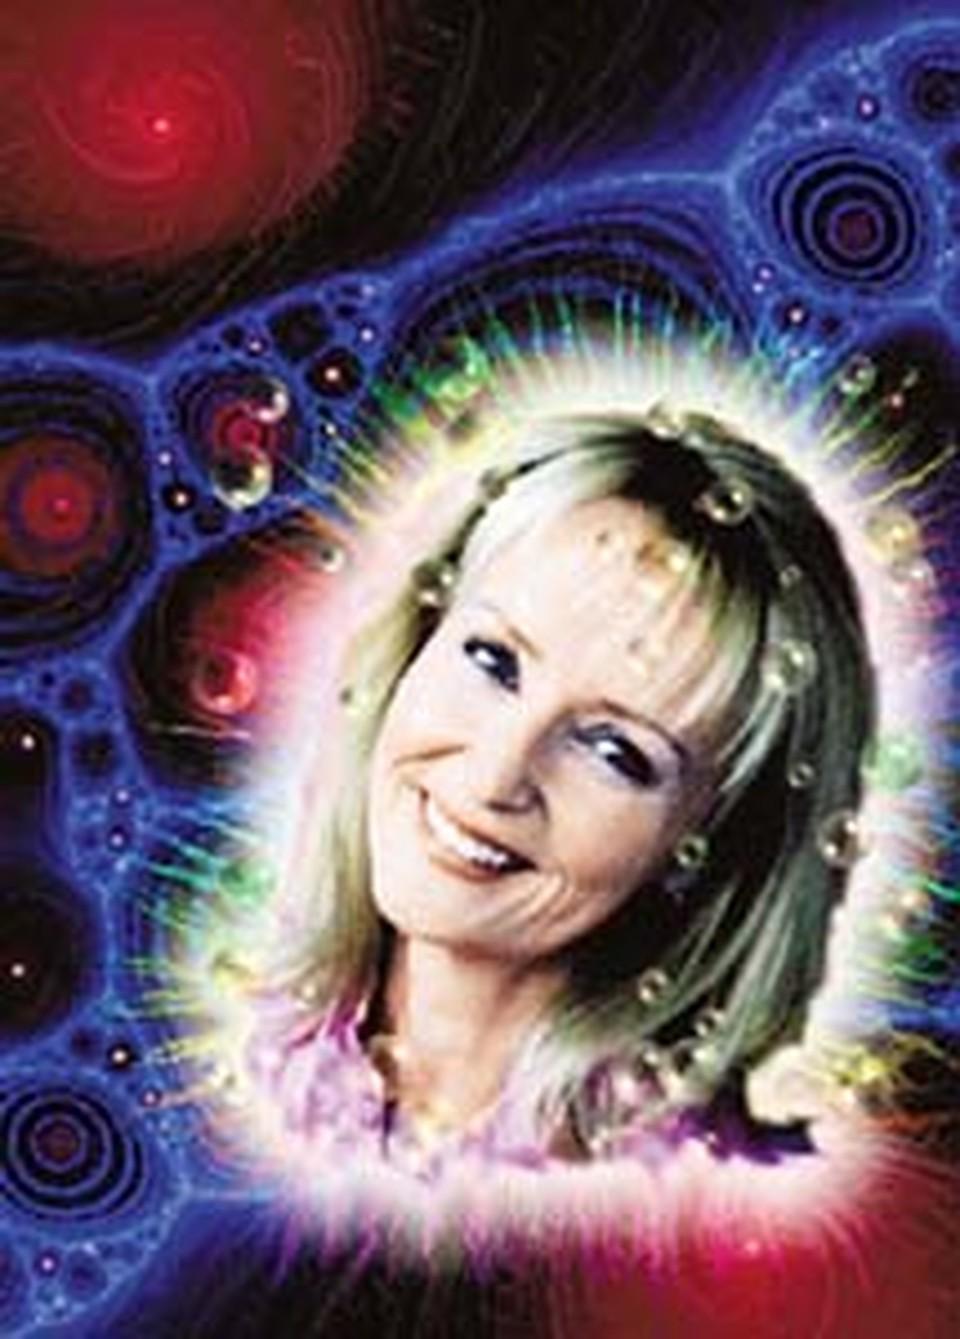 Настоящее имя - Эллен Грув. Родилась в 1957 году. По образованию - юрист. о информации с официального сайта, Джасмухин уже в два года стала вегетарианкой. В 1993-м - начала питаться светом. В 1994-м - медитируя, наладила контакт с Вознесенными Мастерами.